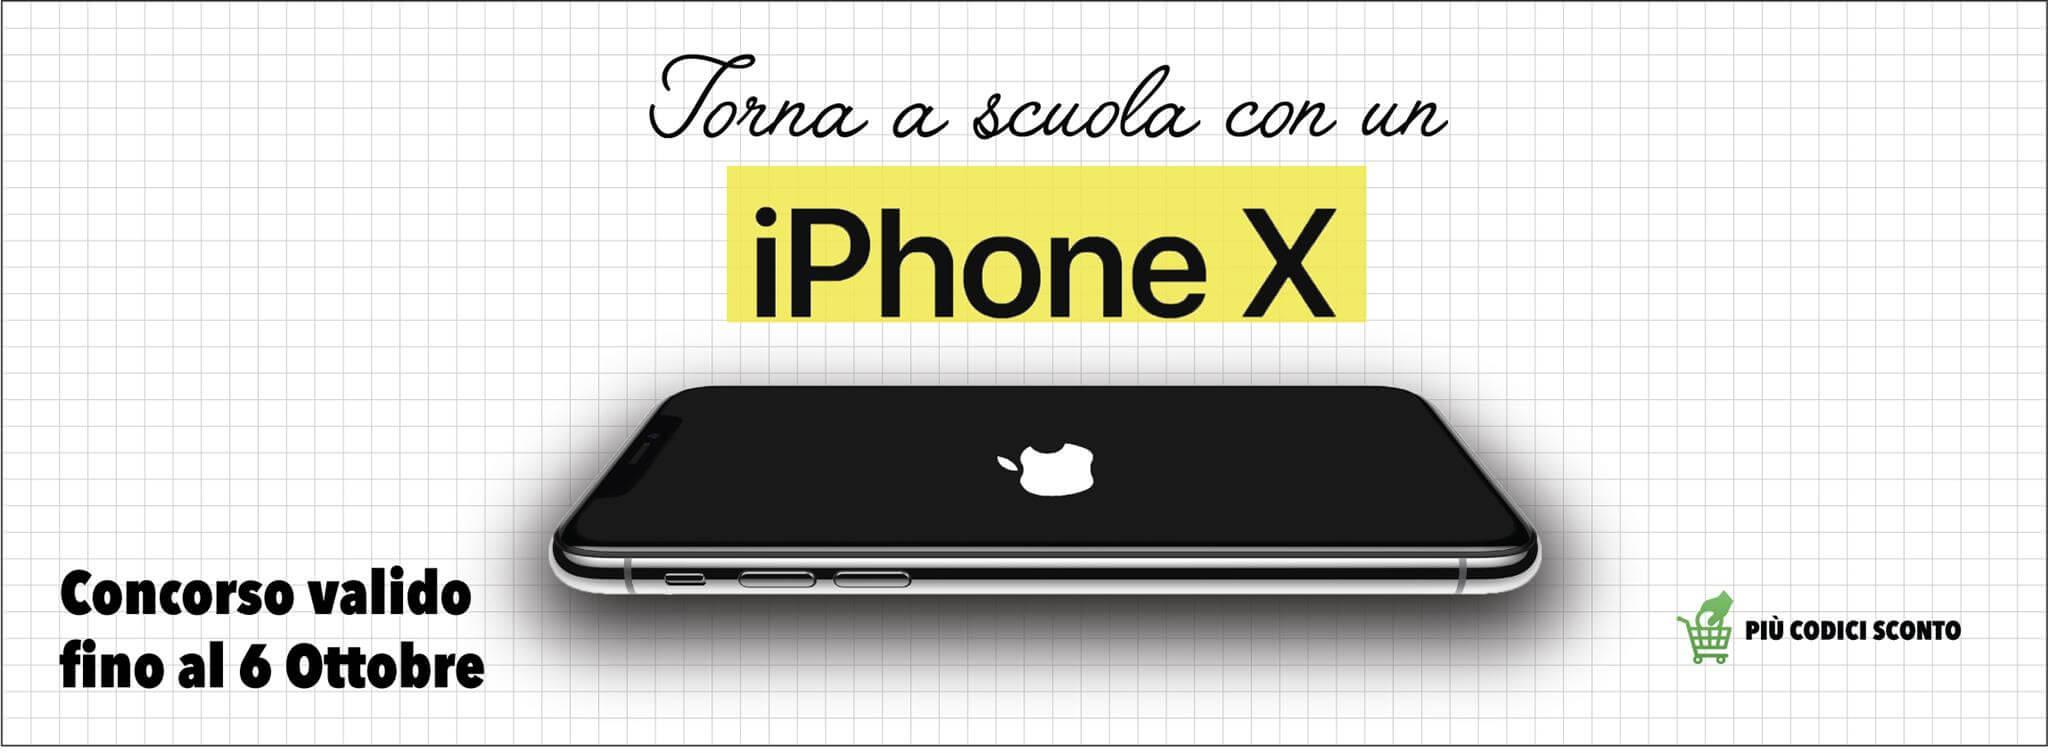 tona a scuola con l'iphone X